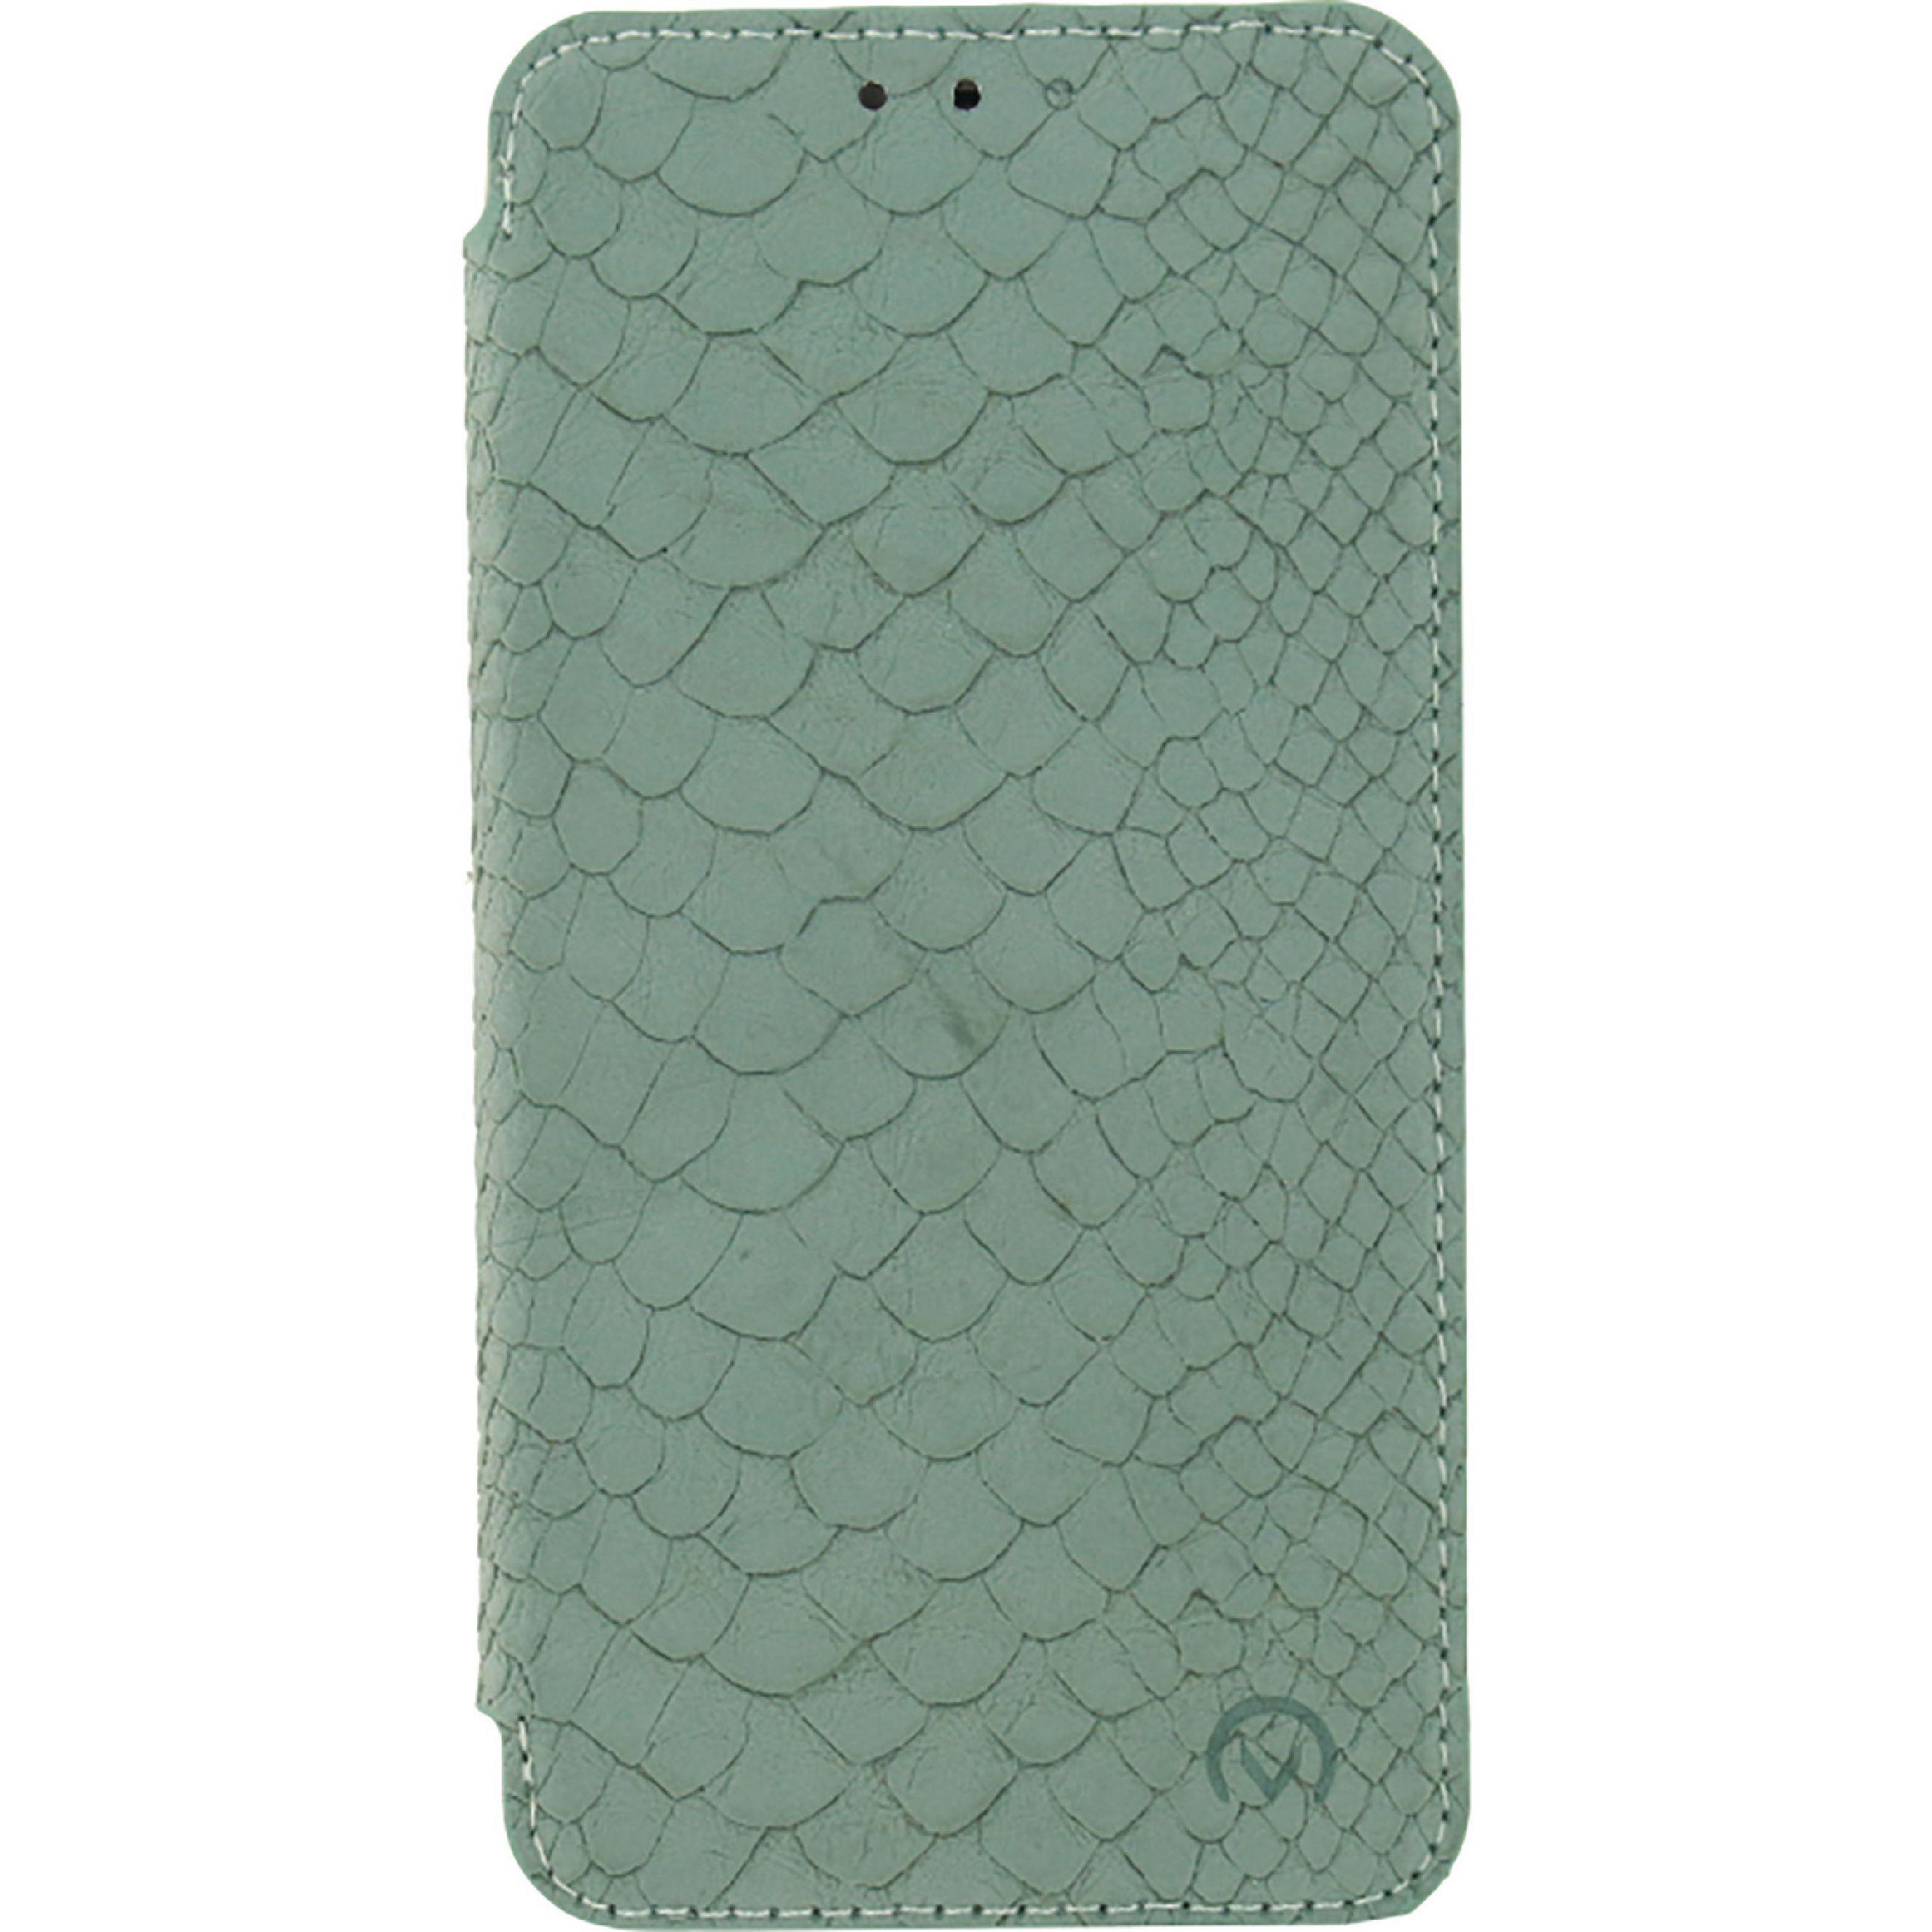 Image of   Telefon Slankt og Blødt Booklet-etui Samsung Galaxy J5 2016 Grøn